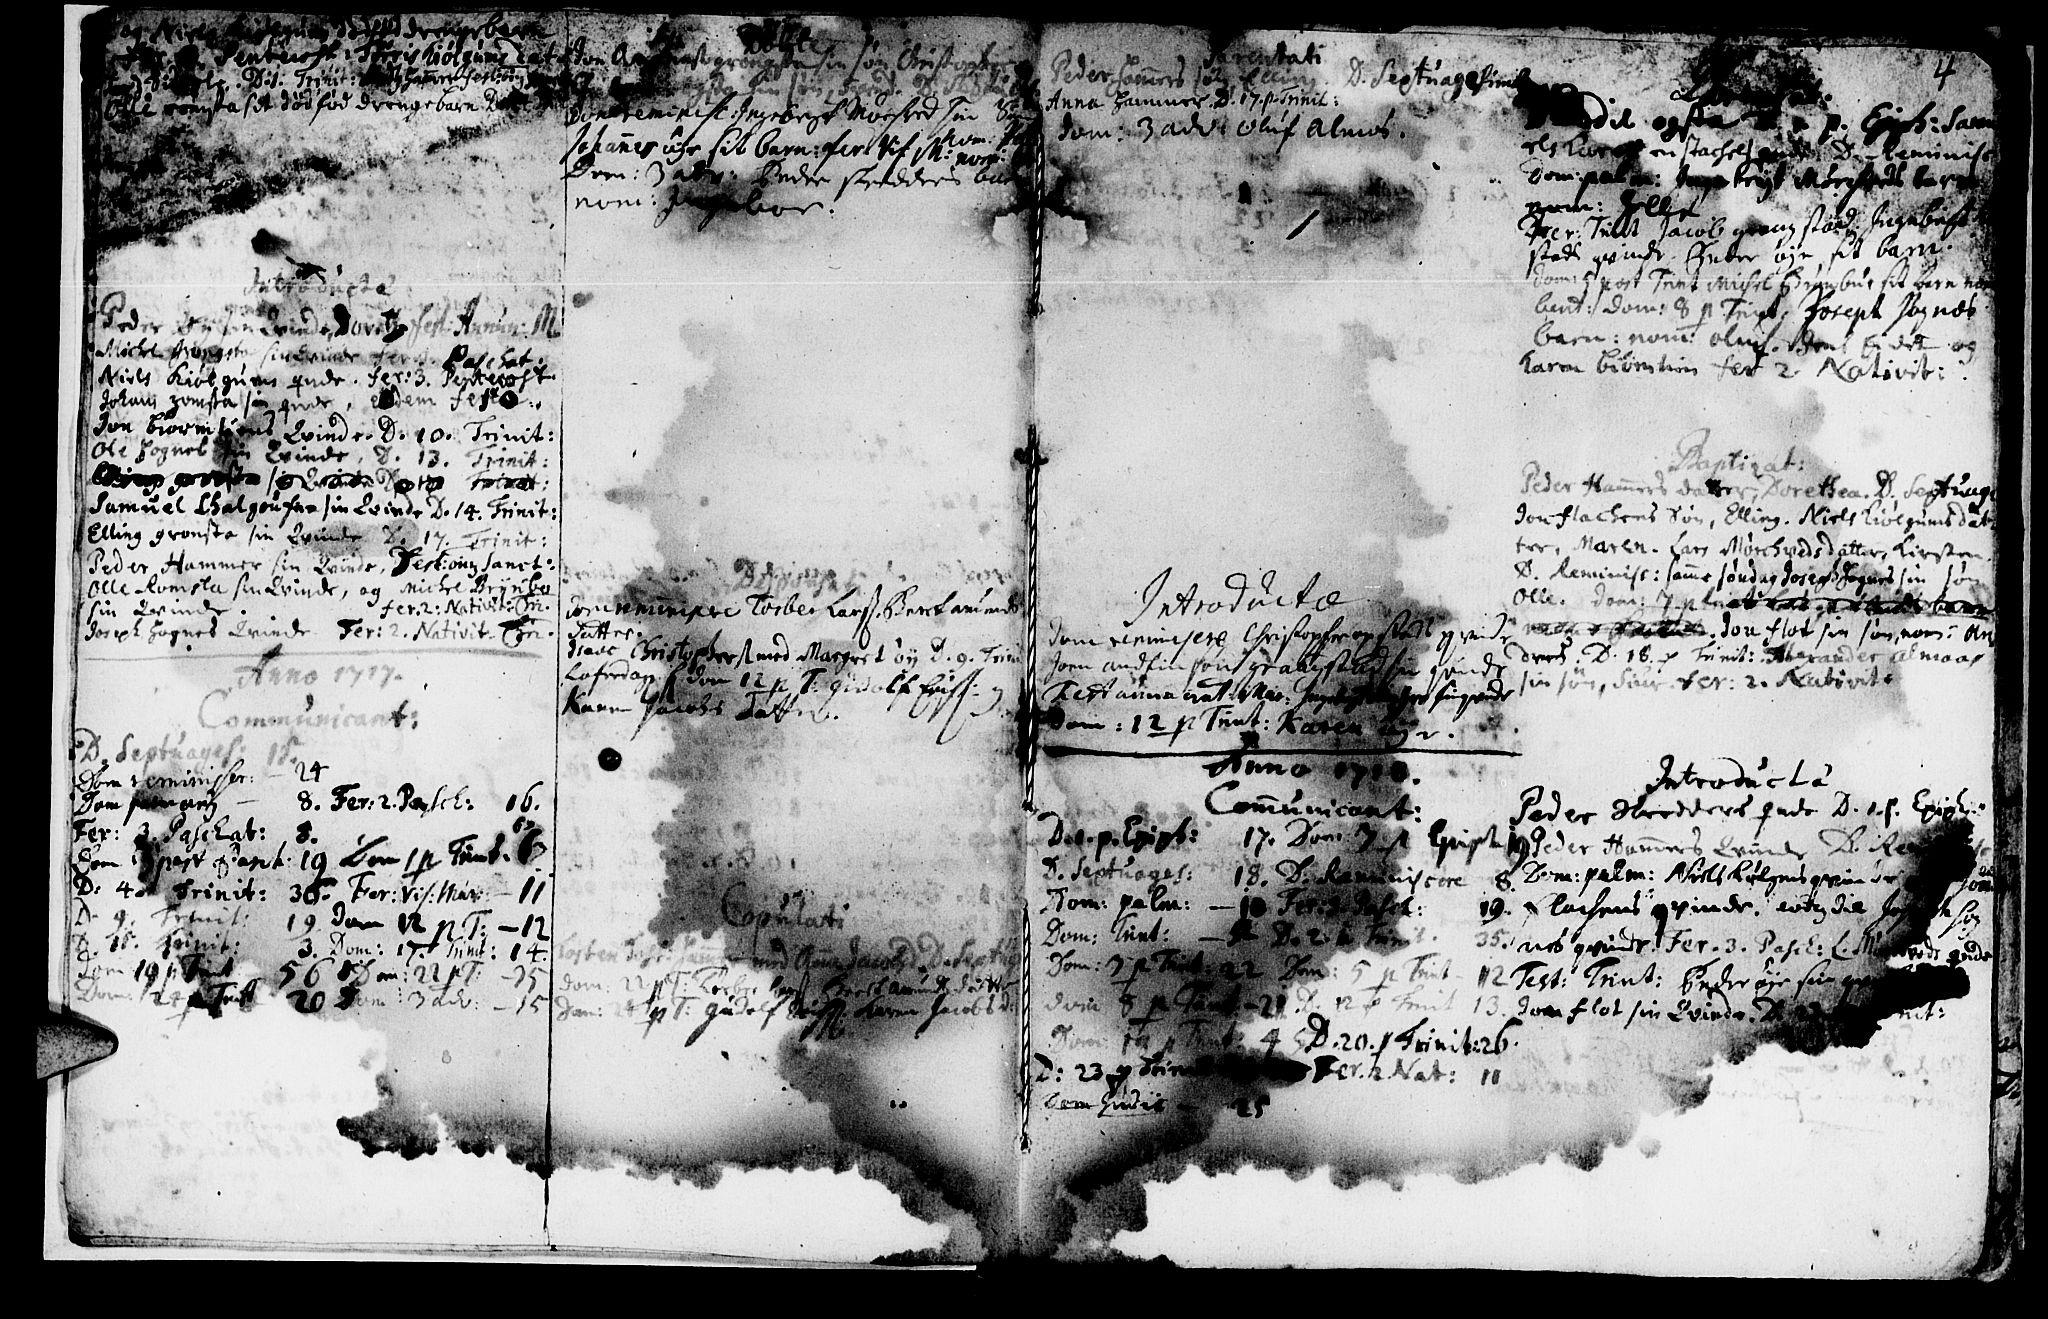 SAT, Ministerialprotokoller, klokkerbøker og fødselsregistre - Nord-Trøndelag, 765/L0560: Ministerialbok nr. 765A01, 1706-1748, s. 4